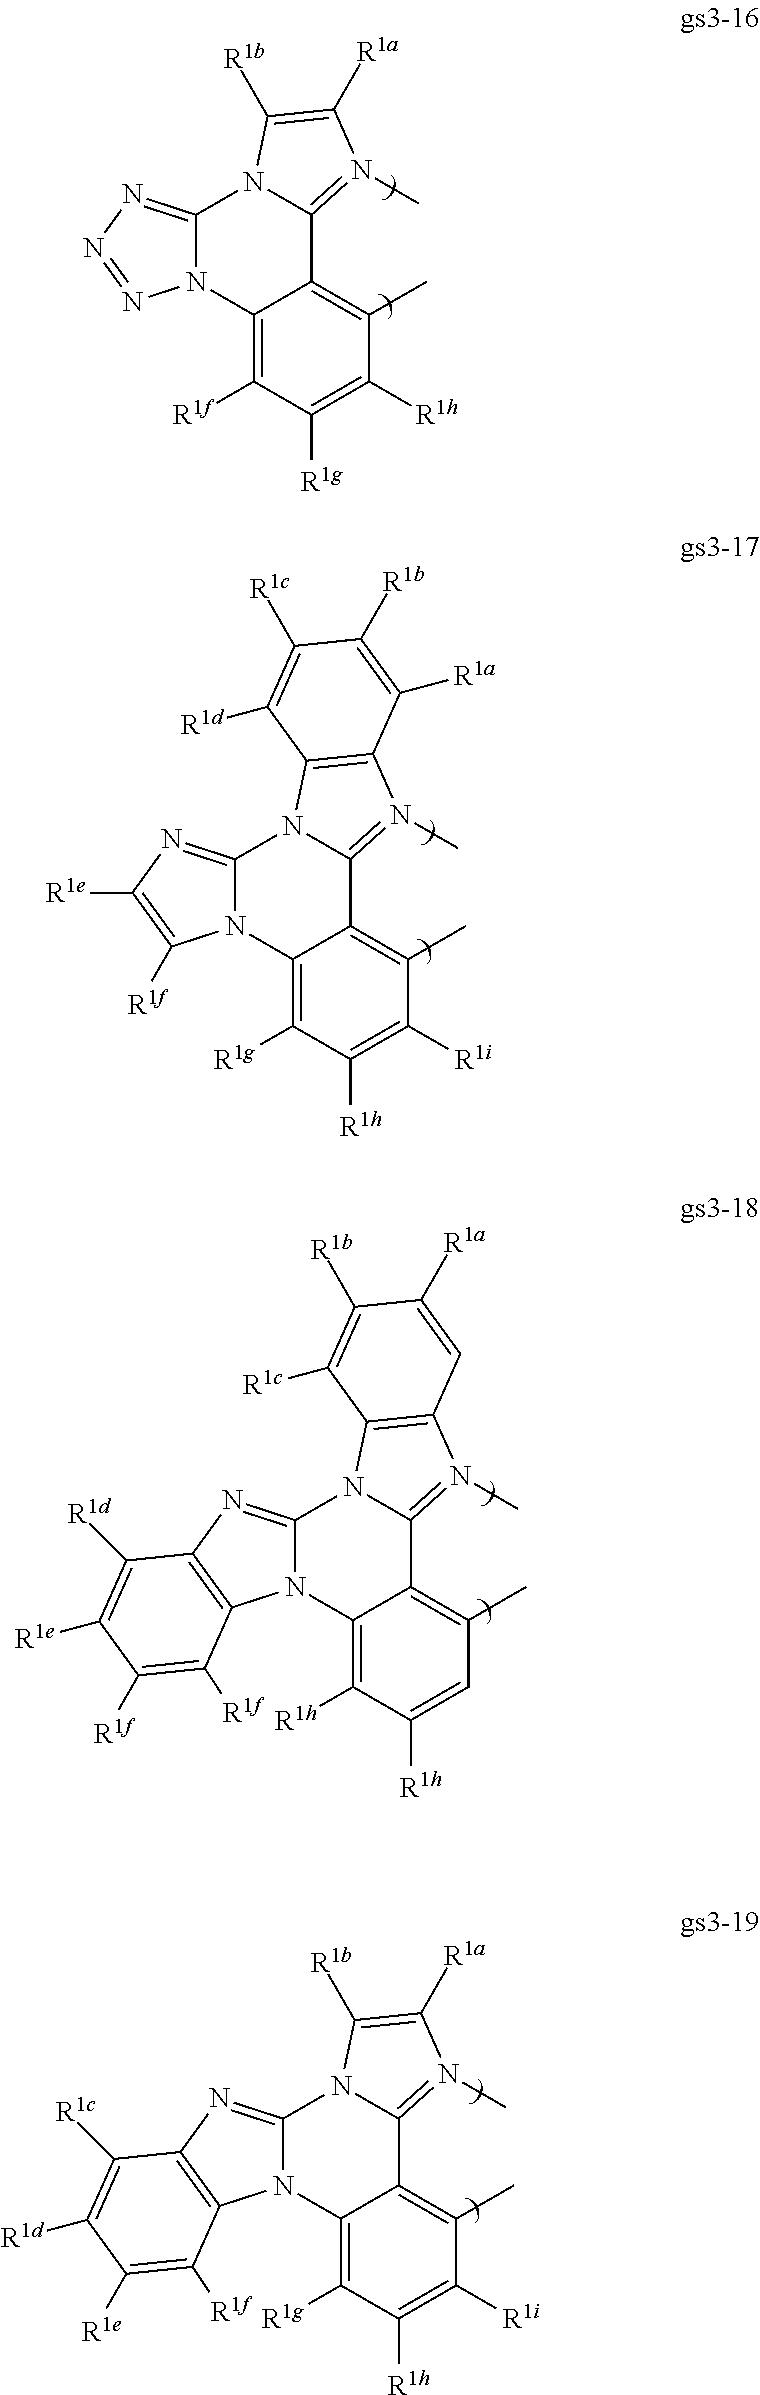 Figure US20110073849A1-20110331-C00022